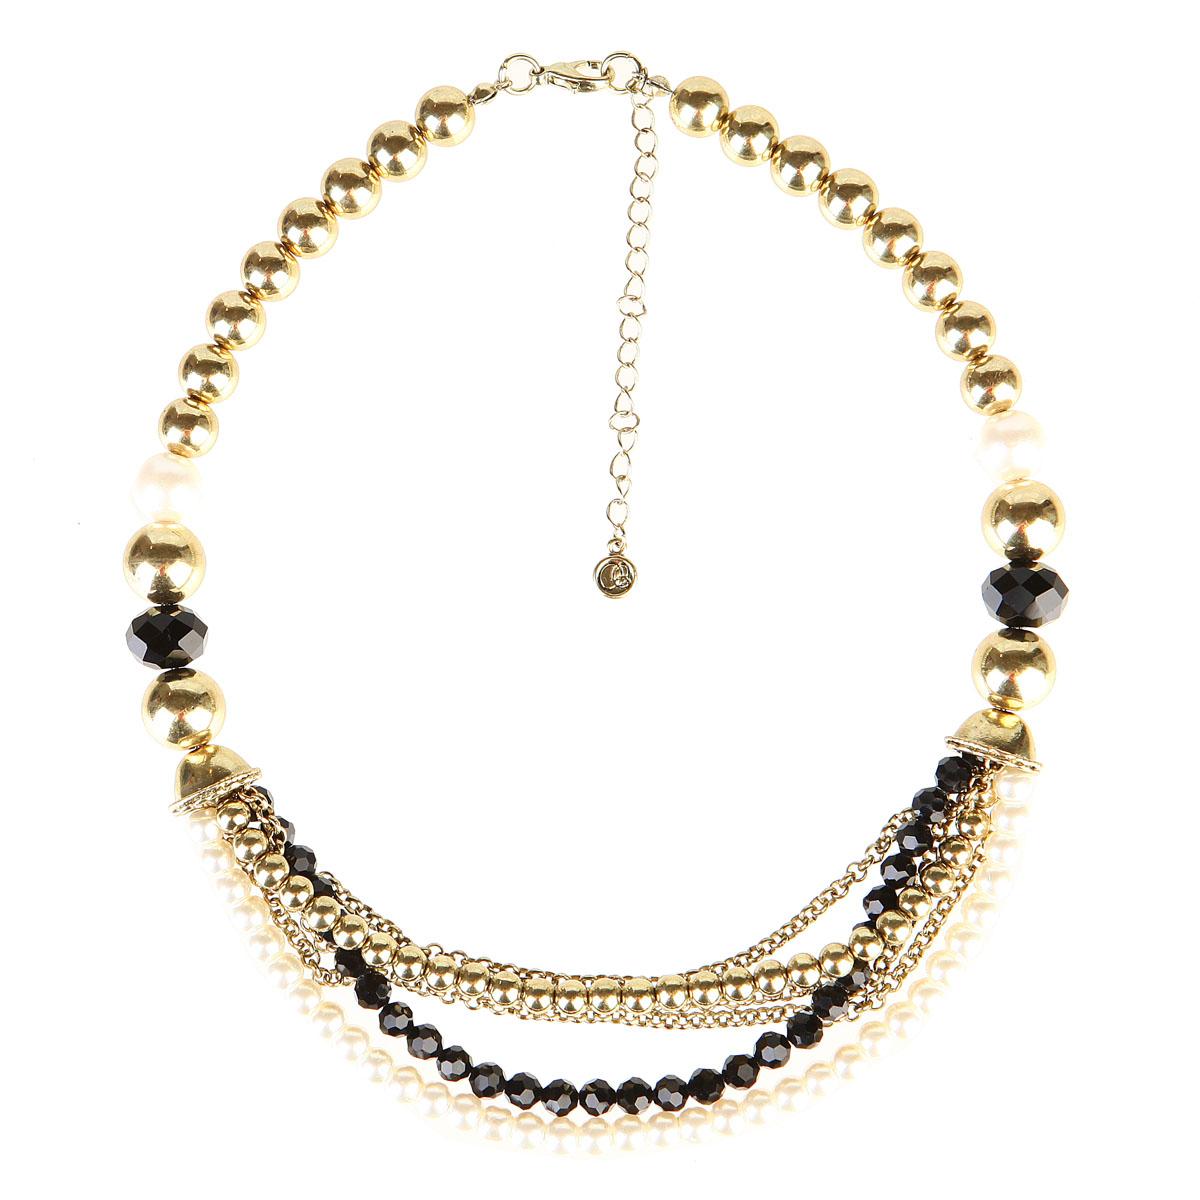 Ожерелье Модные истории, цвет: жемчужный, золотой, черный. 12/0680/99912/0680/999Стильное ожерелье Модные истории изготовлено из металла. Модель оформлена разнообразными бусинами, выполненными из пластика, стекла и металла. Нижняя часть ожерелья дополнена двумя декоративными элементами в форме колоколов, к которым крепятся три тонкие металлические цепочки и три нити с бусинами. На одну нить нанизаны металлические бусины, на вторую - стеклянные, на третью - пластиковые (стилизованные под жемчуг). Изделие застегивается при помощи удобного замка-карабина. Длина ожерелья регулируется за счет цепочки. Изысканное ожерелье добавит женственных ноток в образ и подчеркнет вашу утонченную натуру.